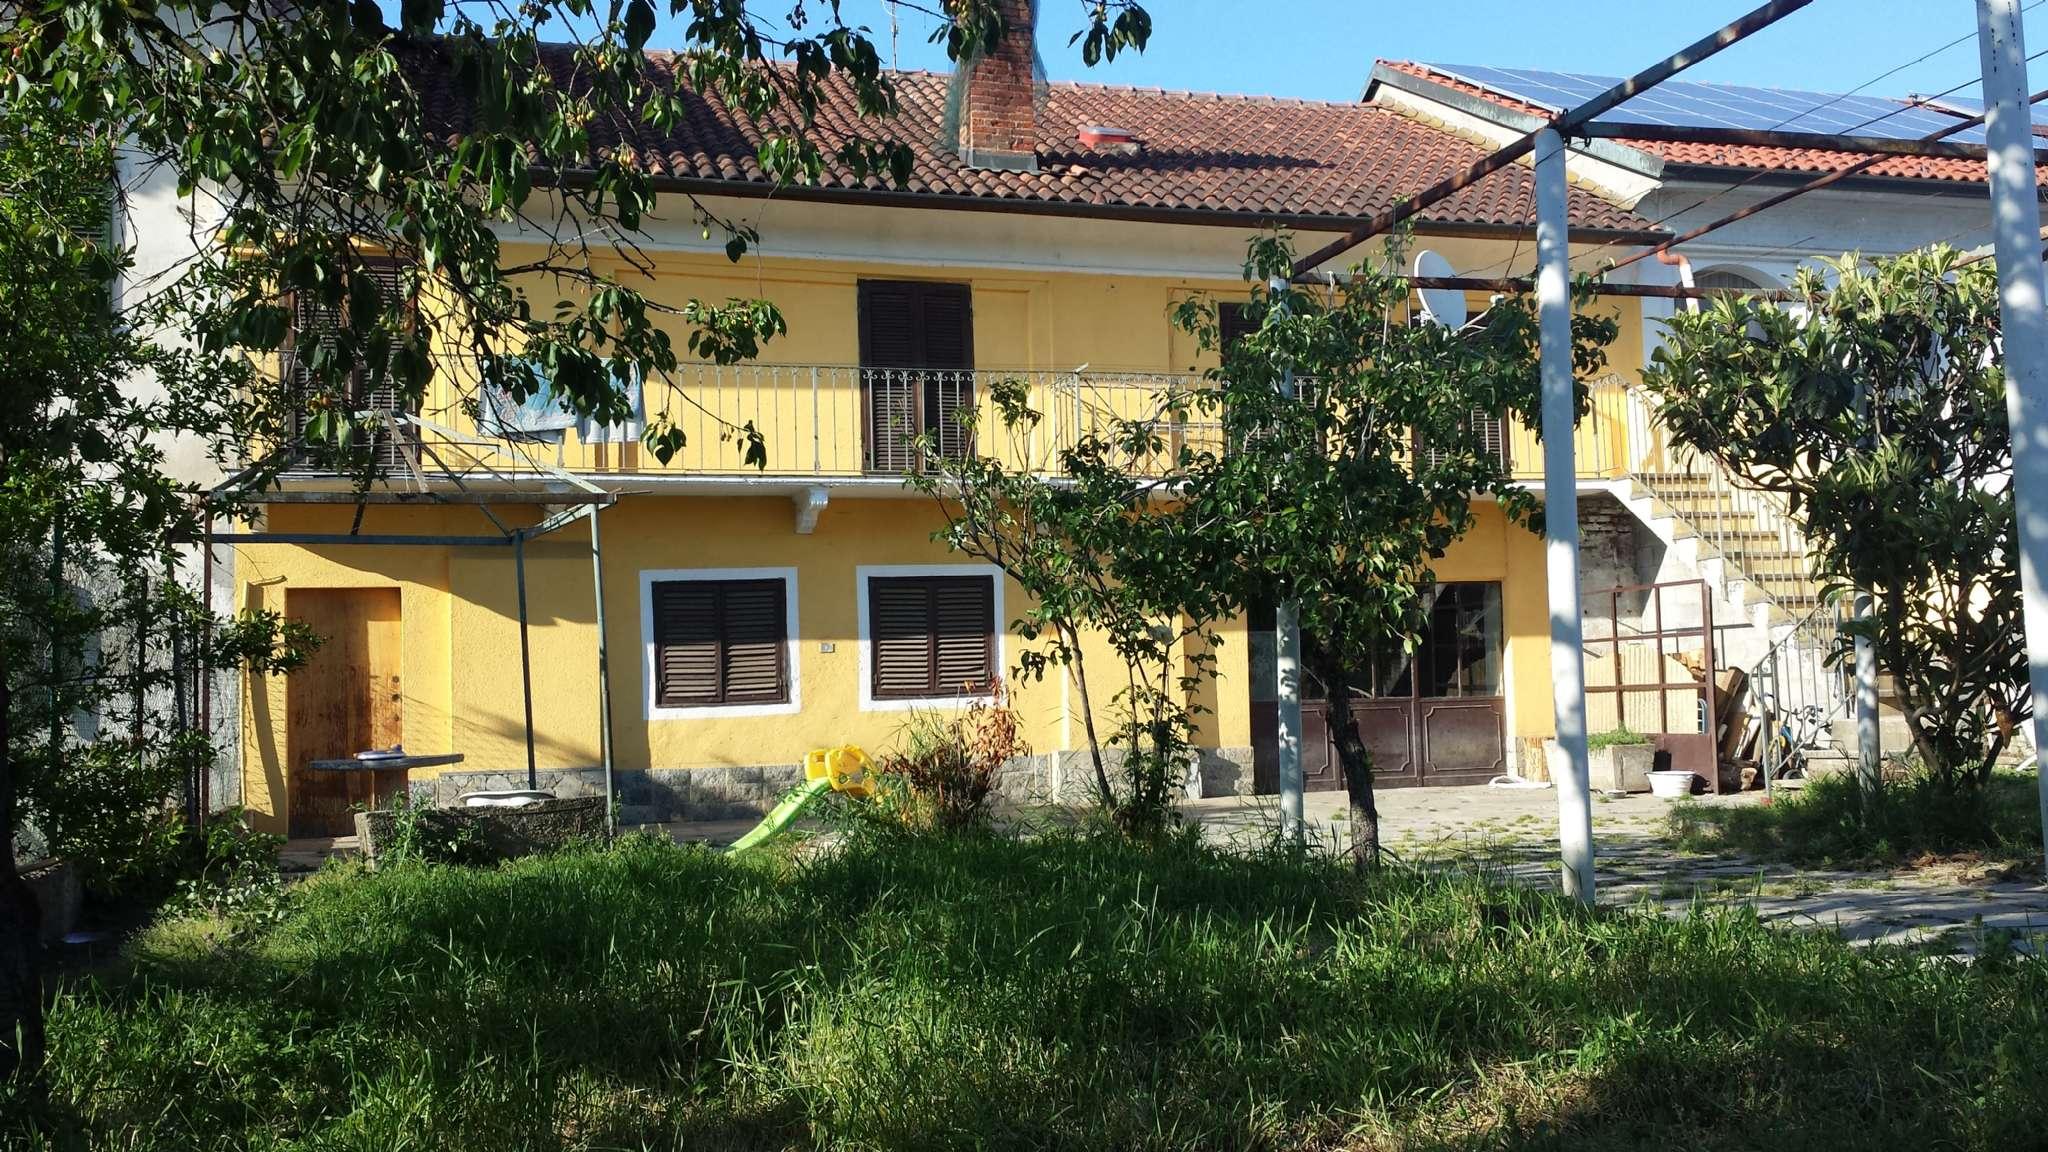 Soluzione Indipendente in vendita a Santhià, 7 locali, prezzo € 89.000 | CambioCasa.it